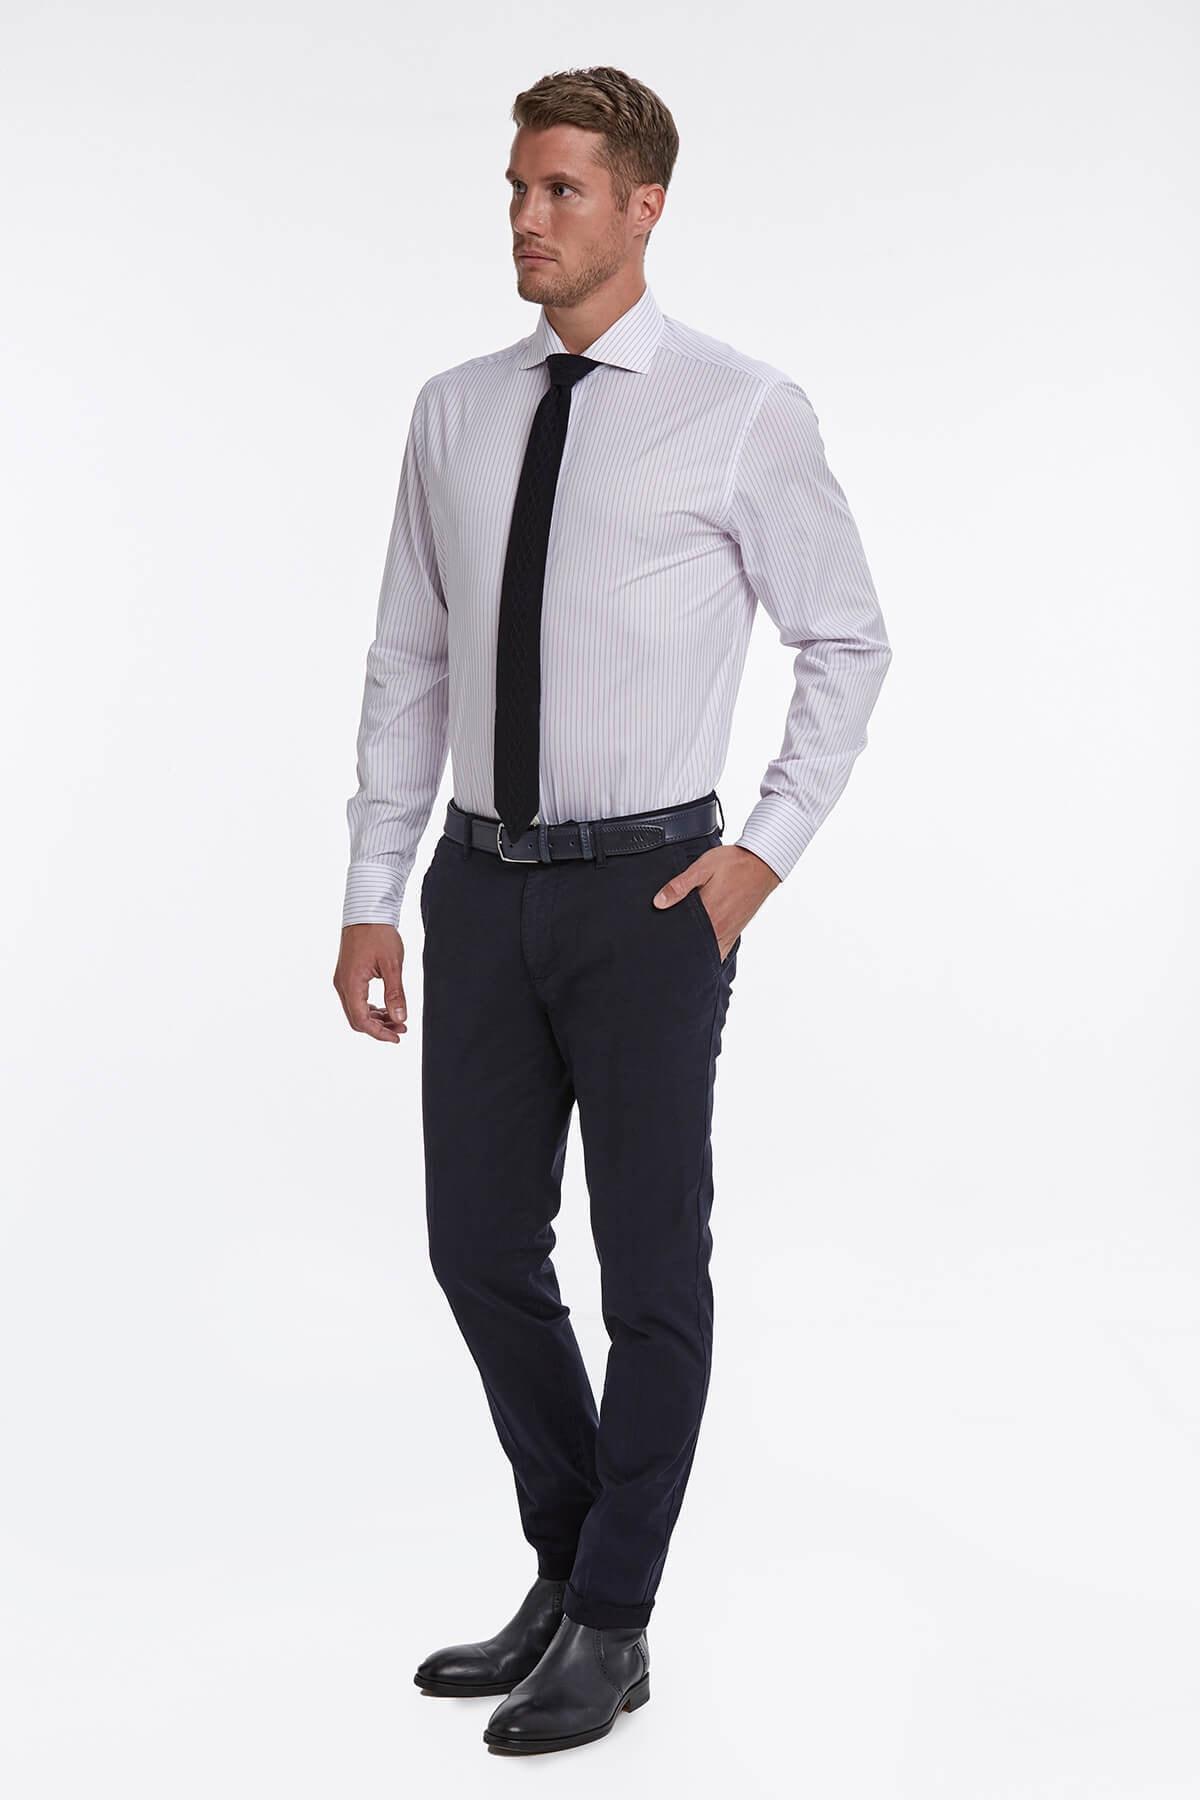 Hemington Lila Beyaz Çizgili Business Gömlek 2